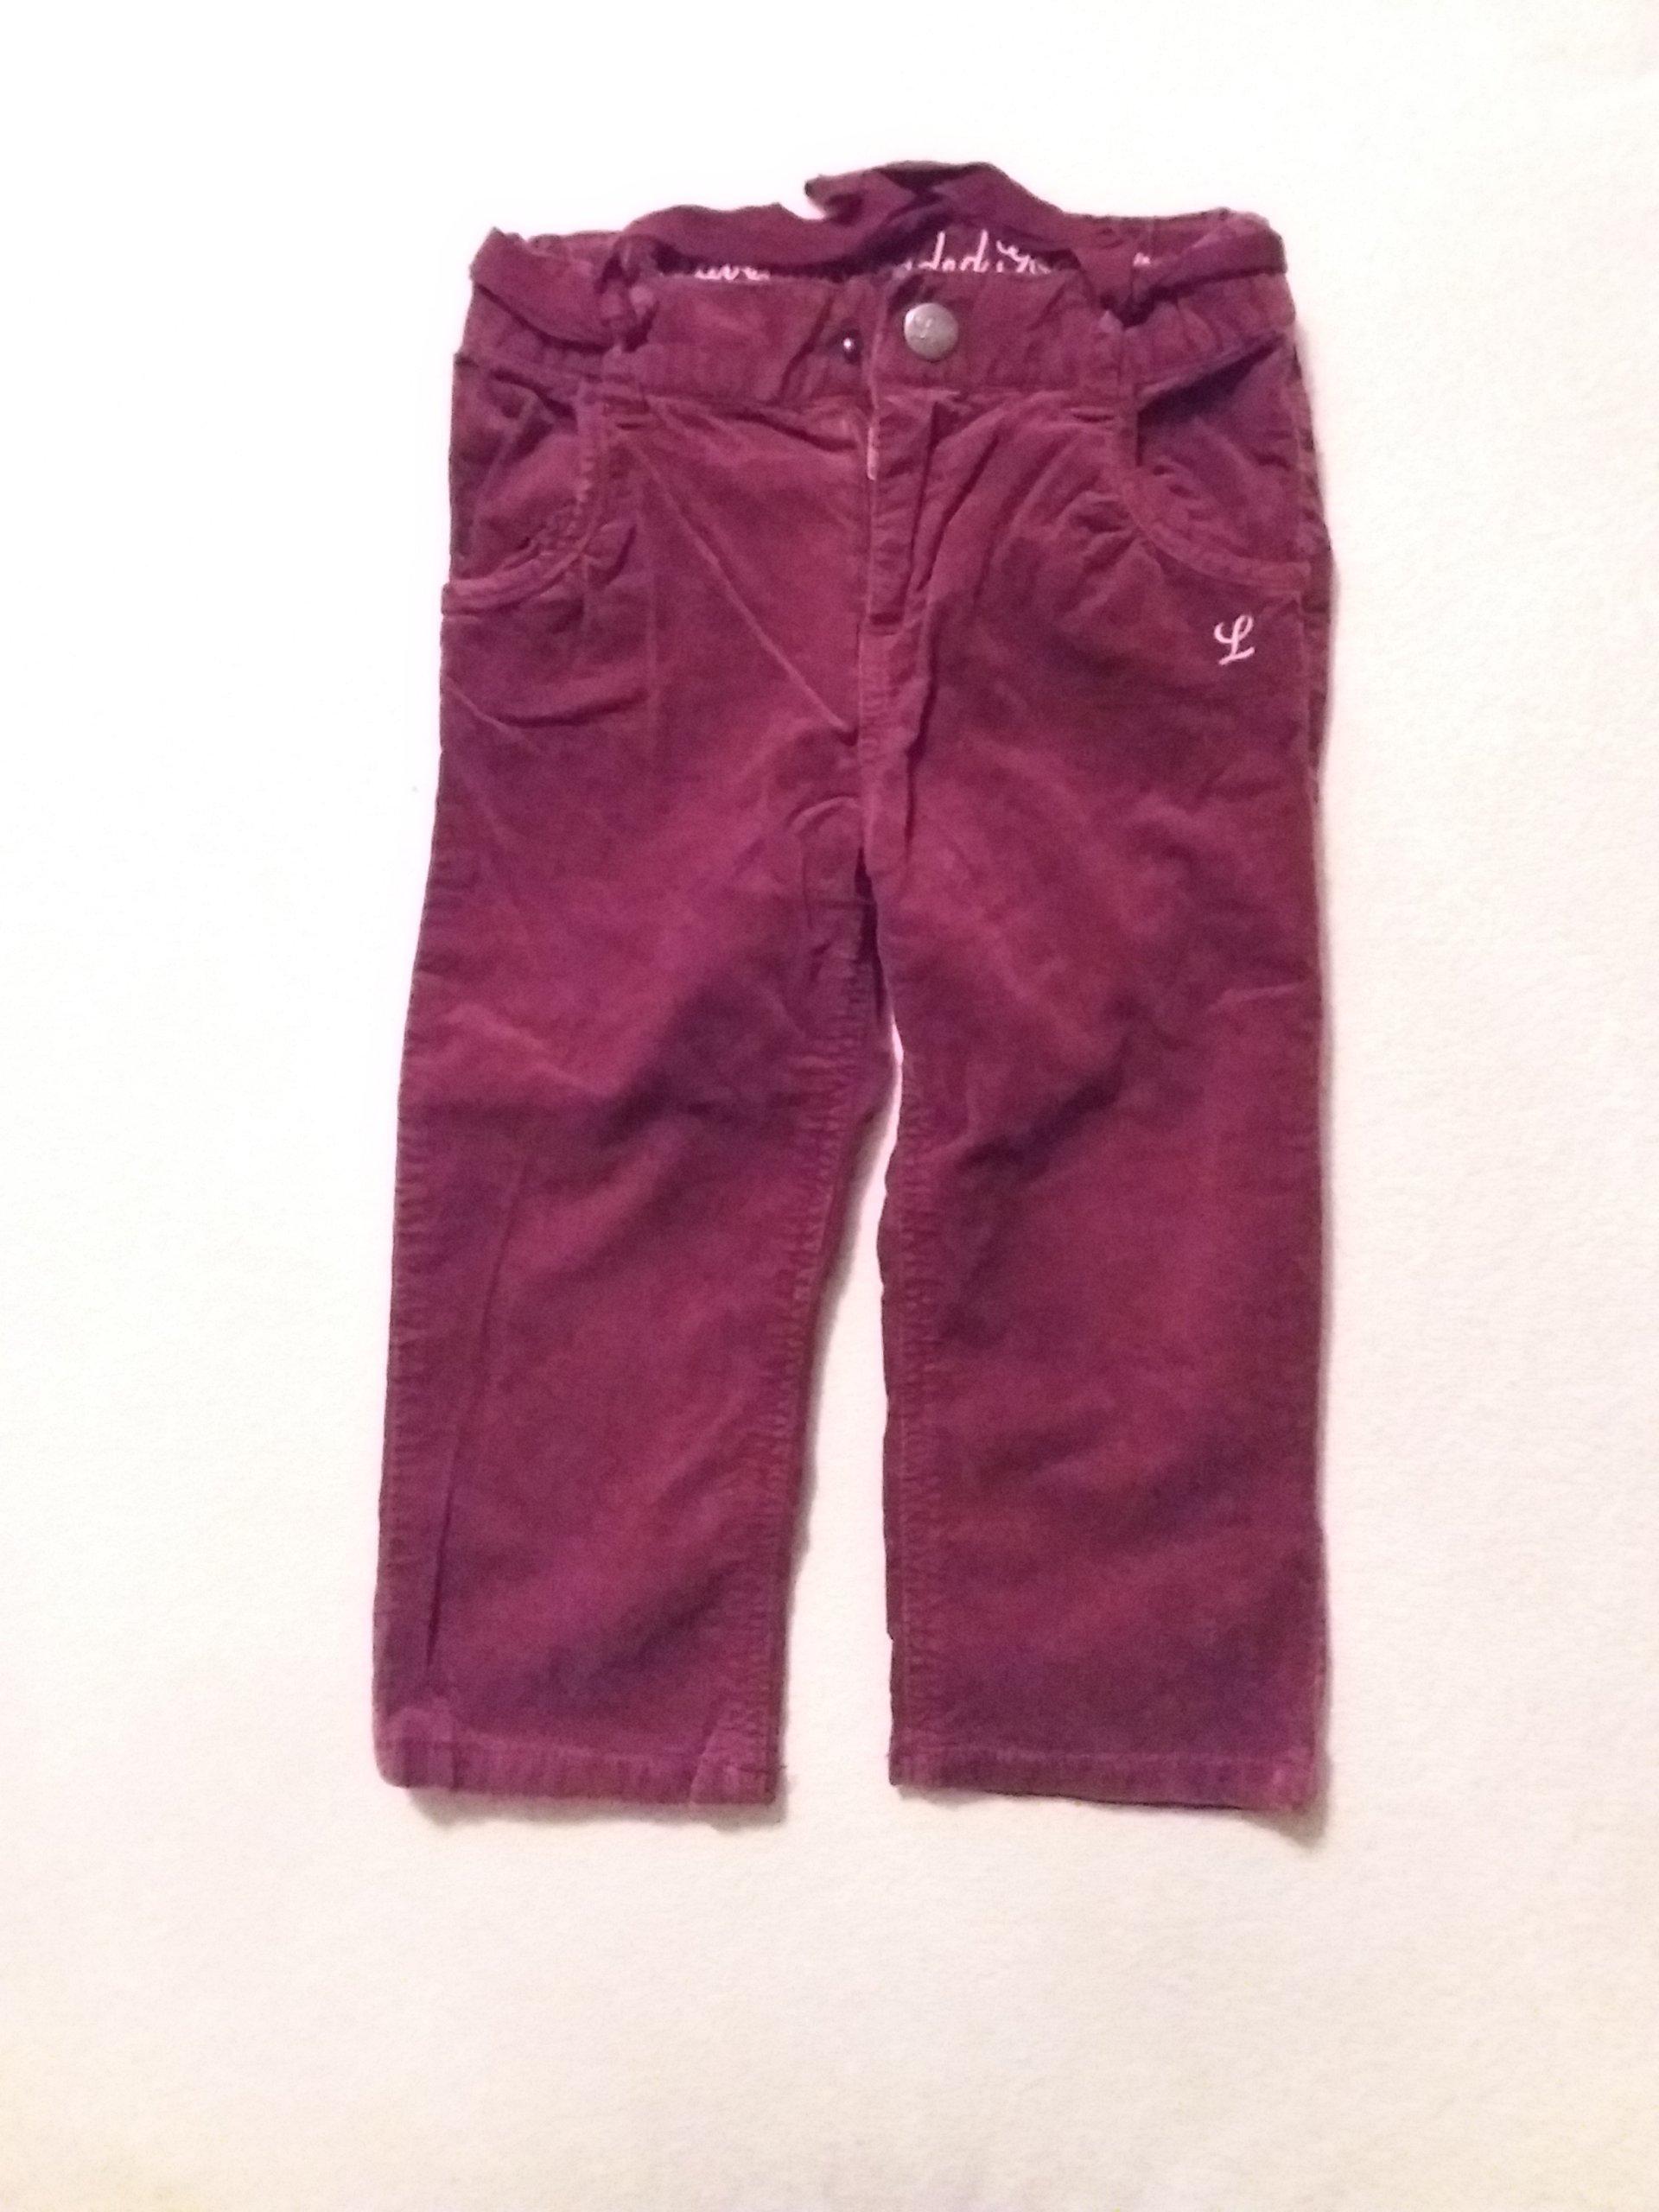 702740cbbdcfff Spodnie H&M 80 sztruksowe jak Nowe regulowane - 7677858884 ...